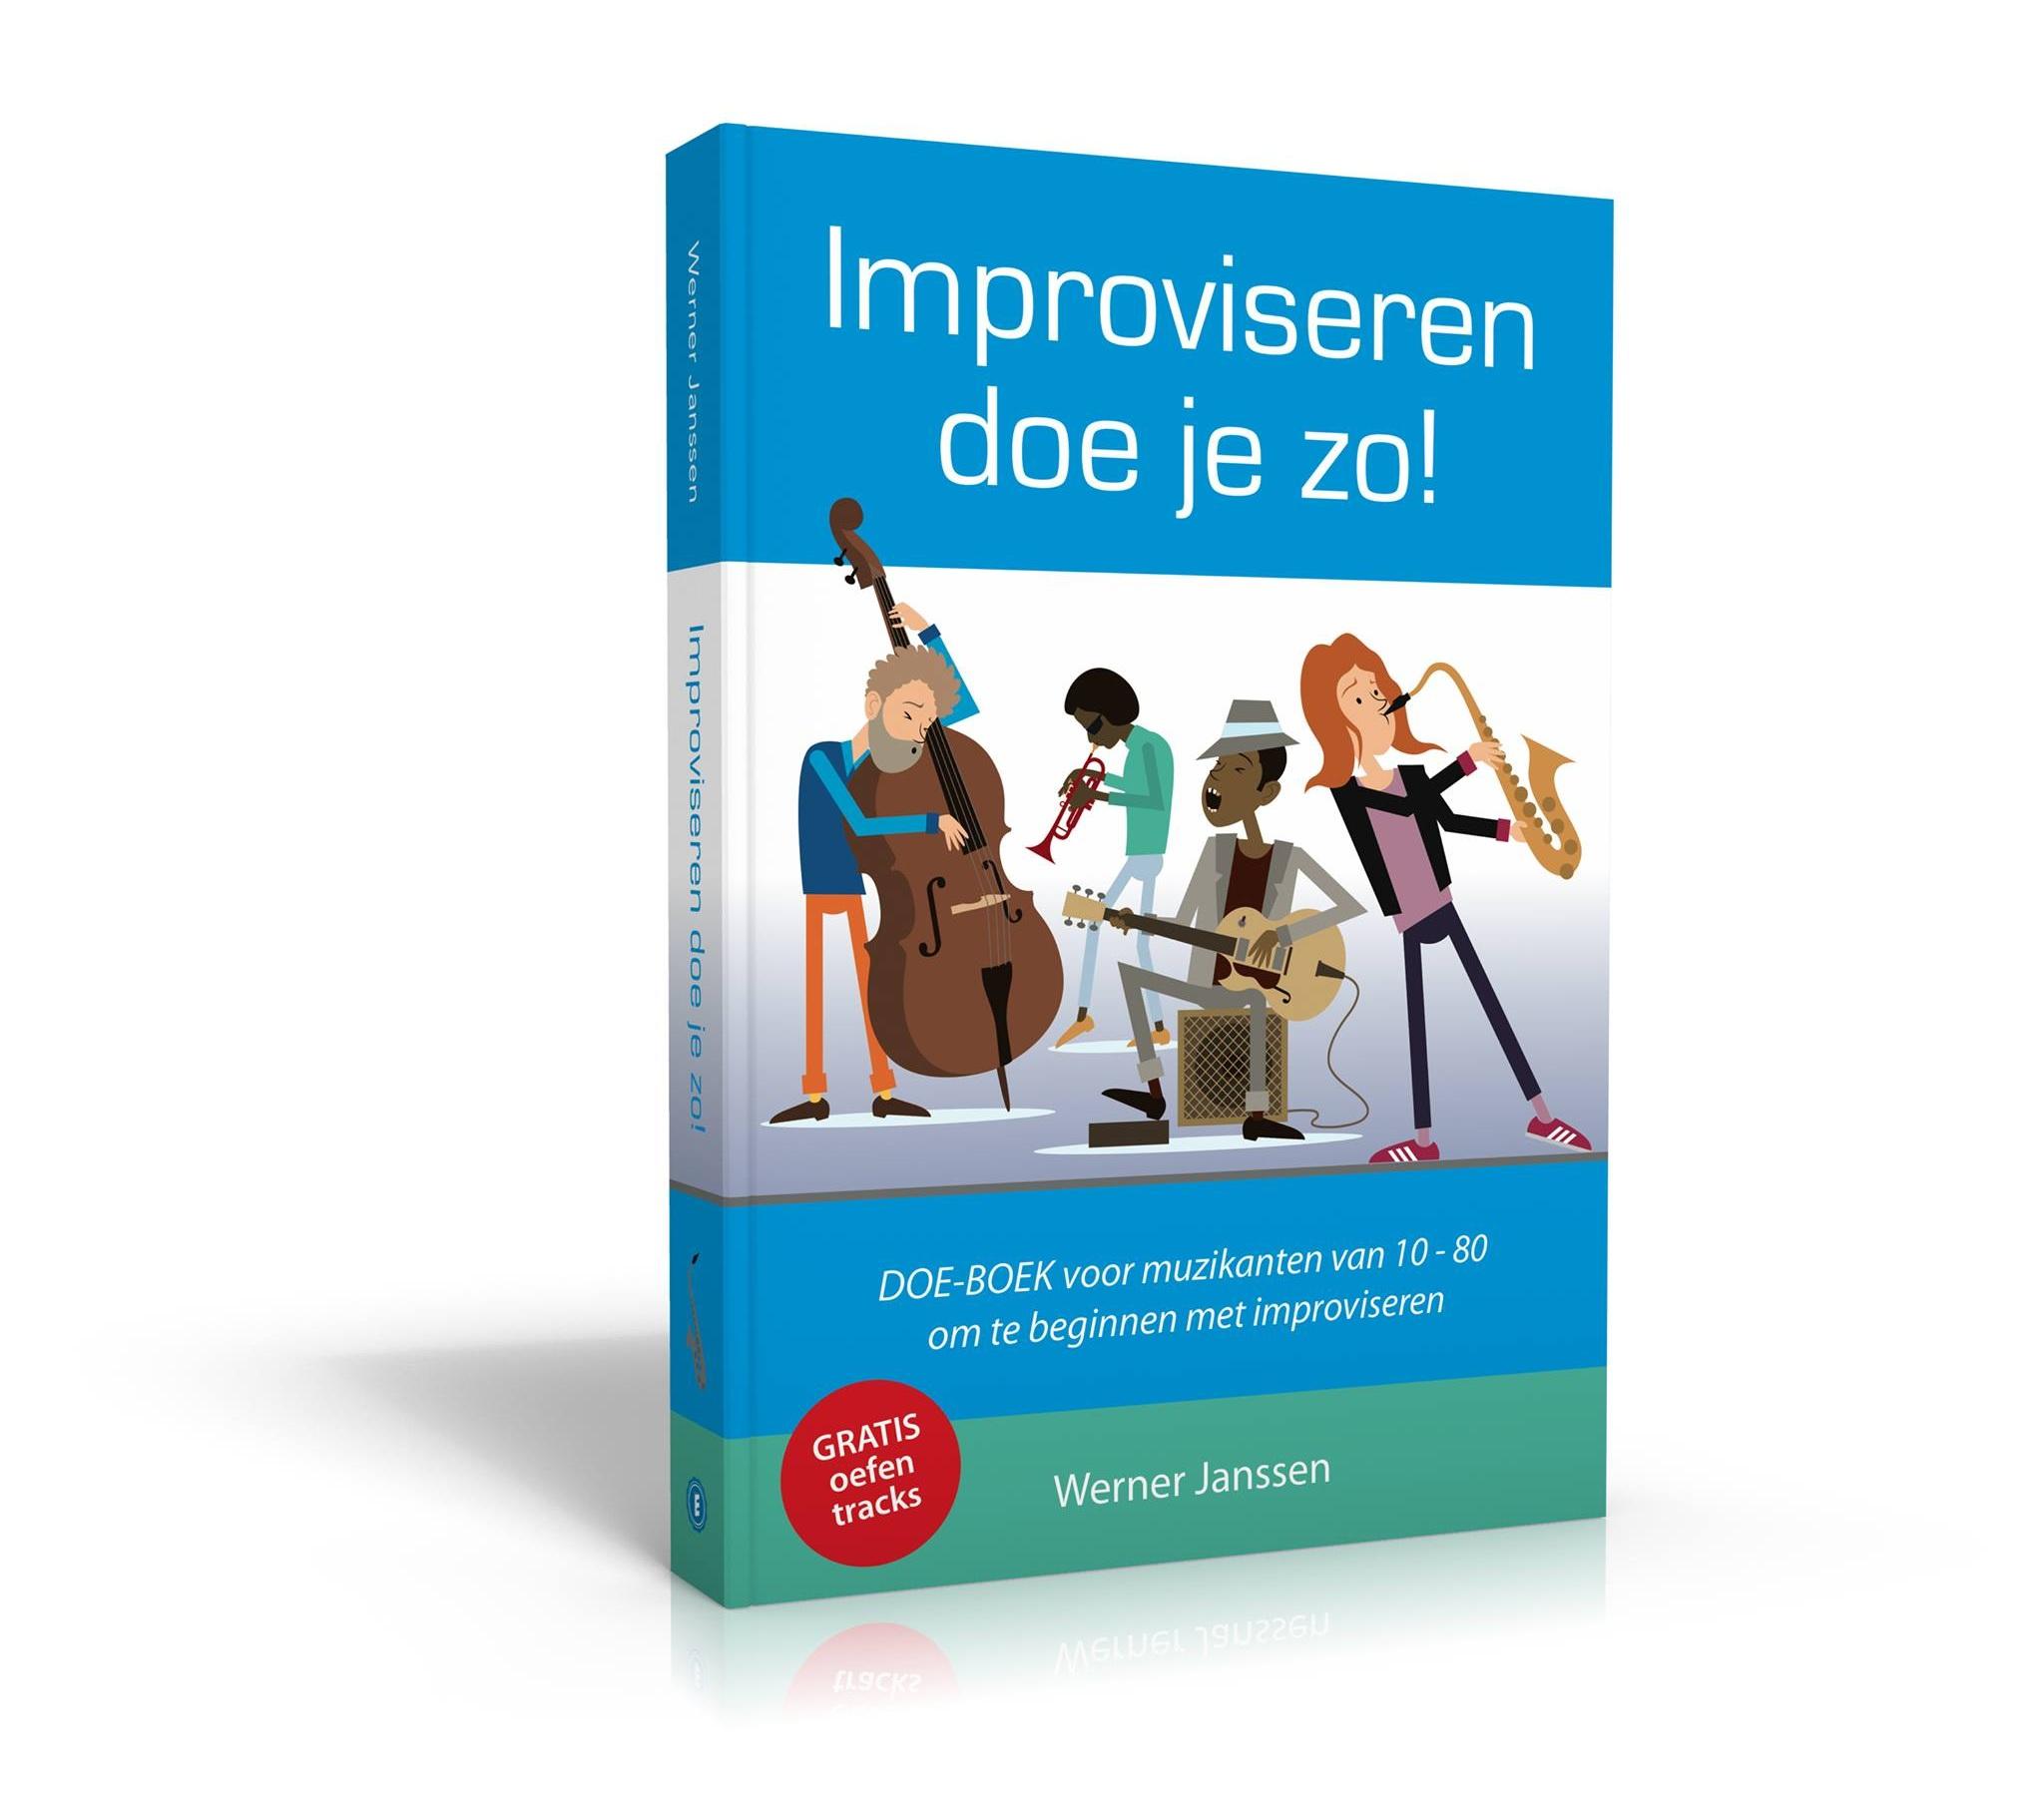 Improviseren+doe+je+zo_Boek_Werner+Janssen.jpg